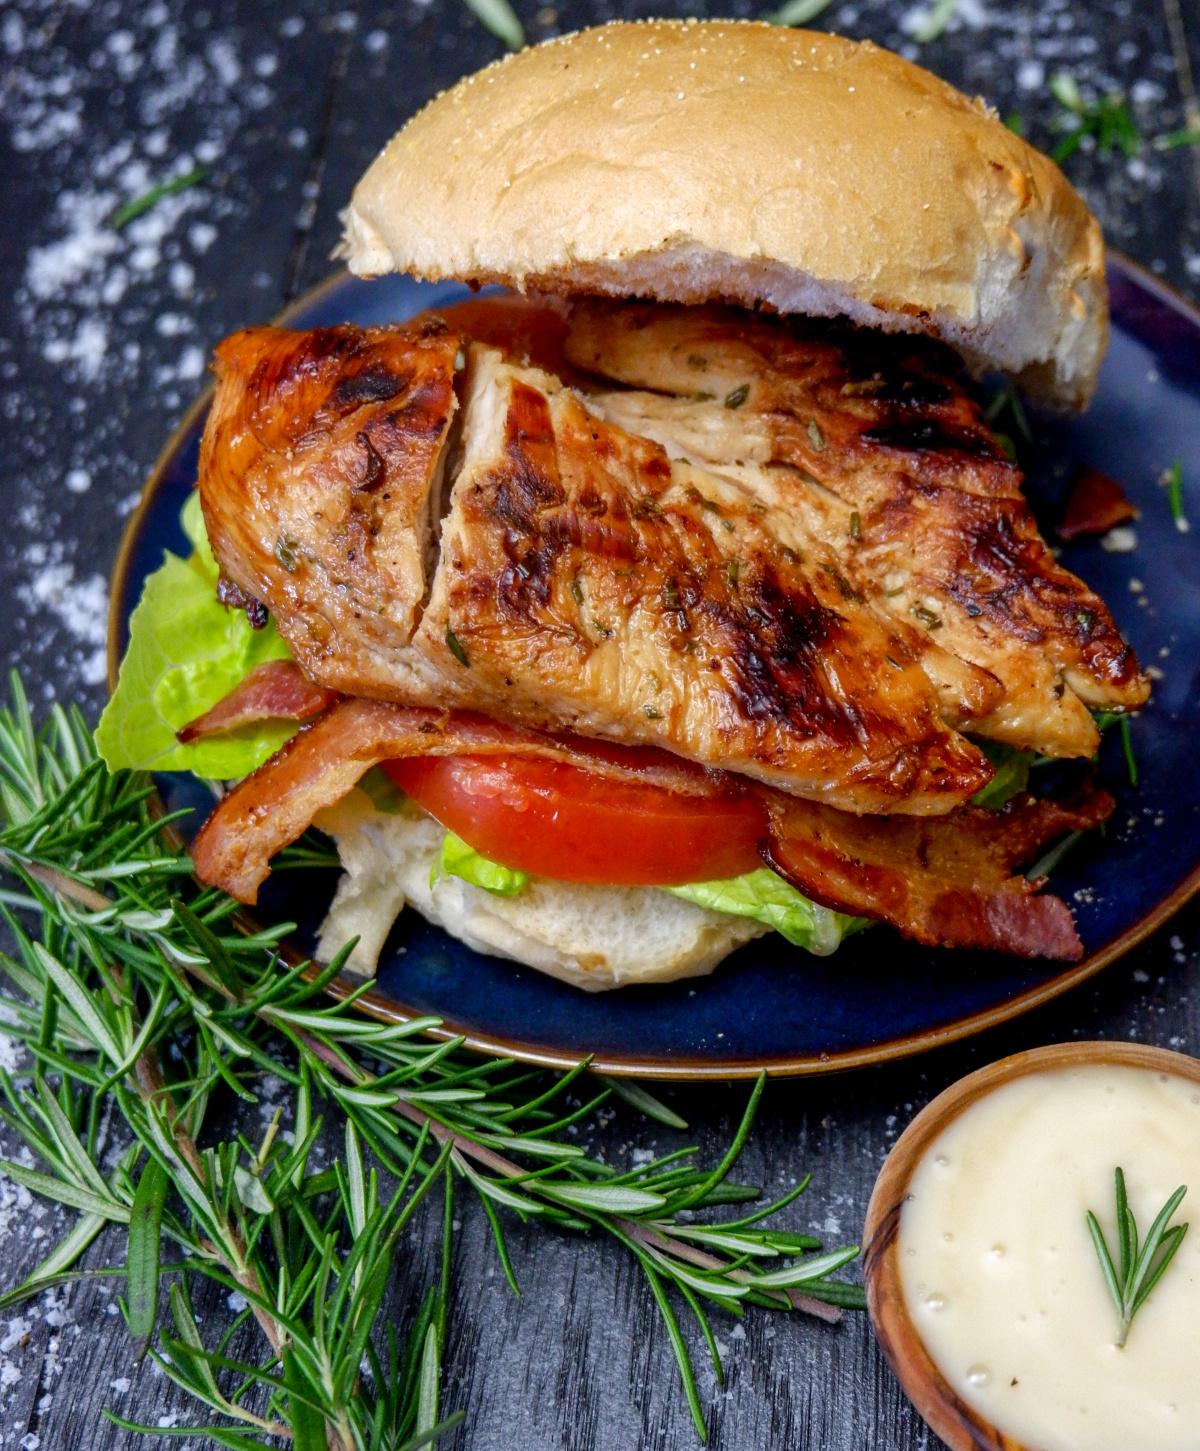 Maple Rosemary & Garlic Herb Grilled Chicken breast on a kaiser bun